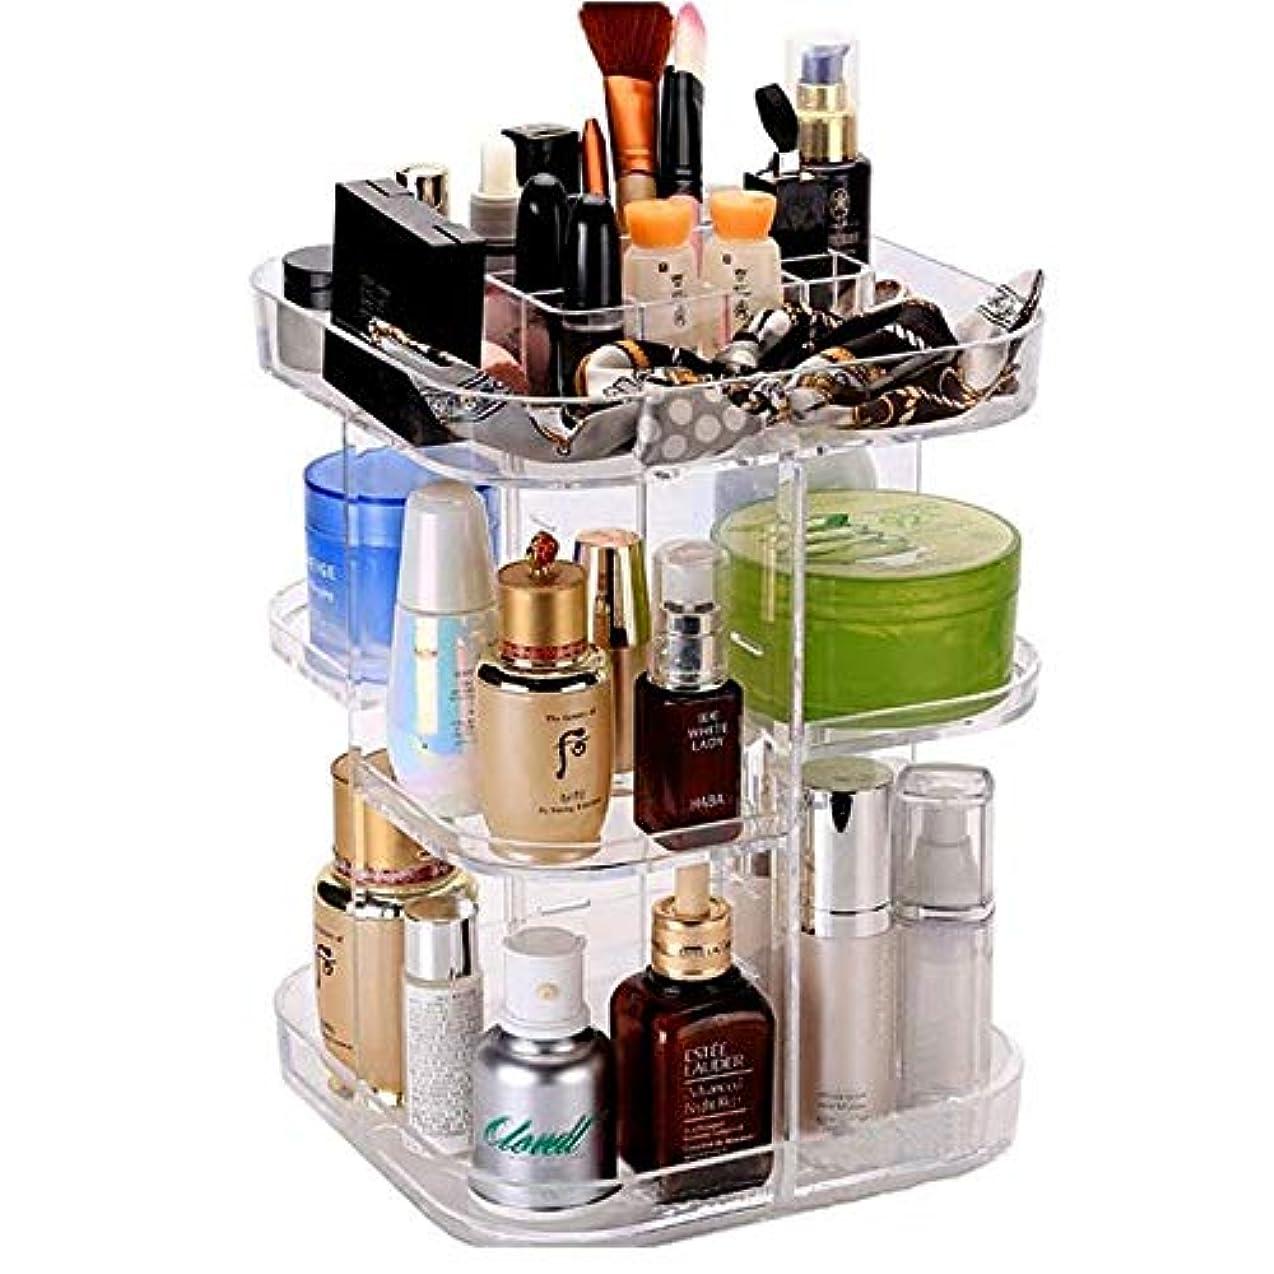 整理簡単 シンプル回転化粧オーガナイザー360回転メイクアップ収納最大容量ディスプレイスタンドボックス用ドレッサー寝室の浴室 (Color : Clear, Size : 22*22*32CM)